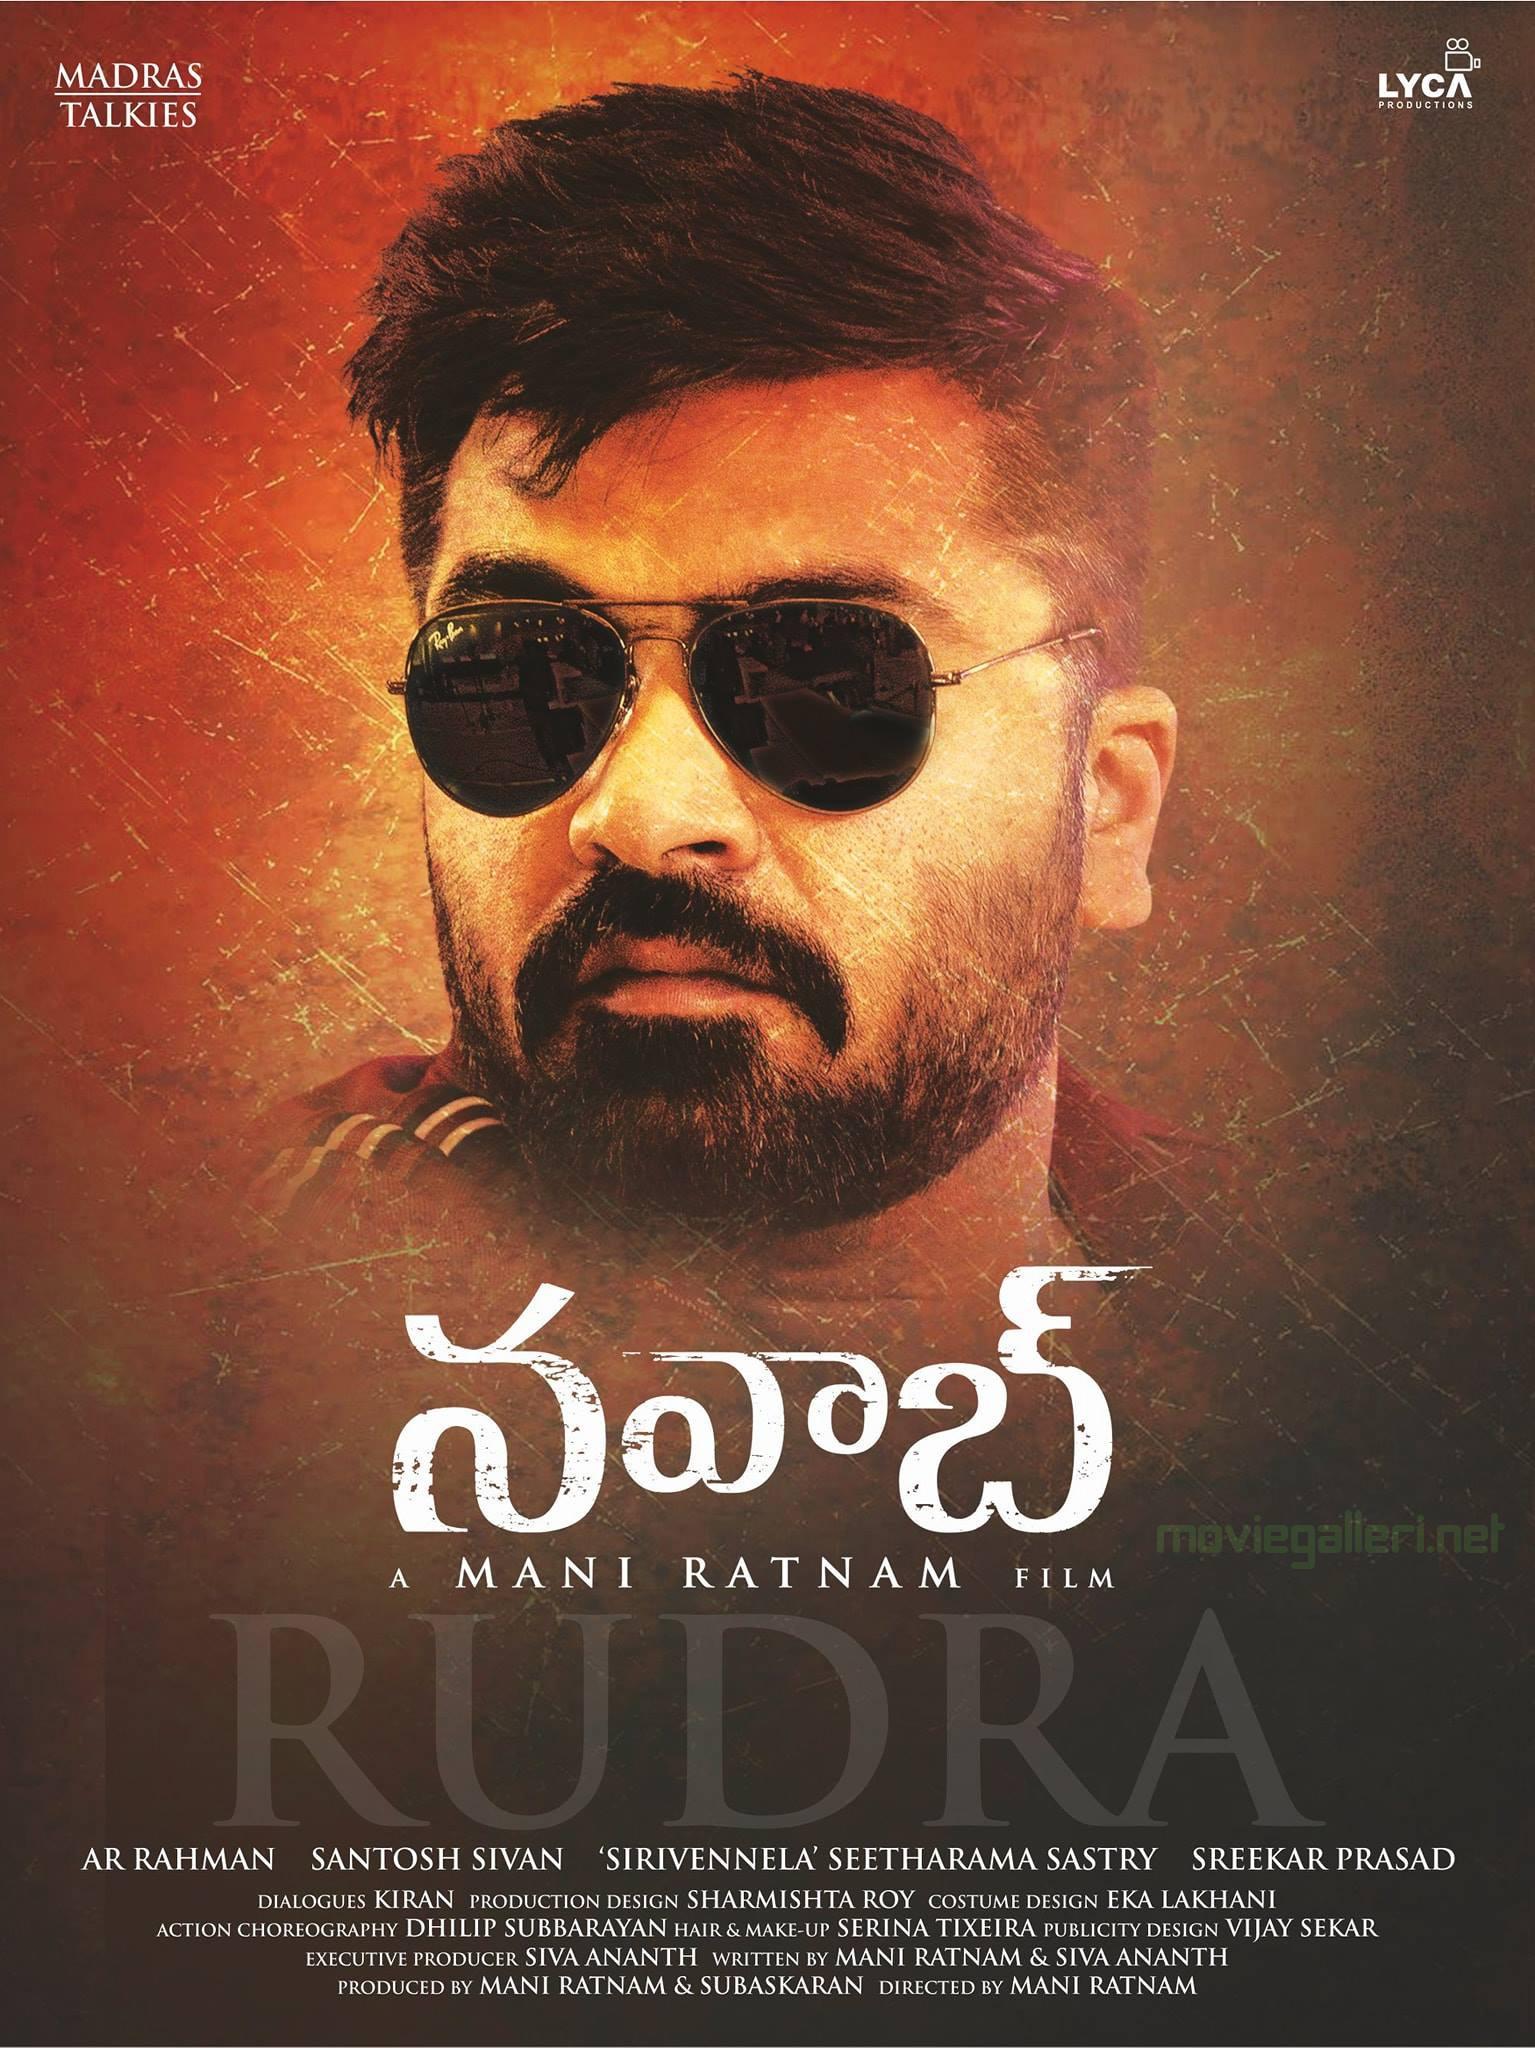 Actor STR Simbu as Rudra in Nawab Movie Poster HD